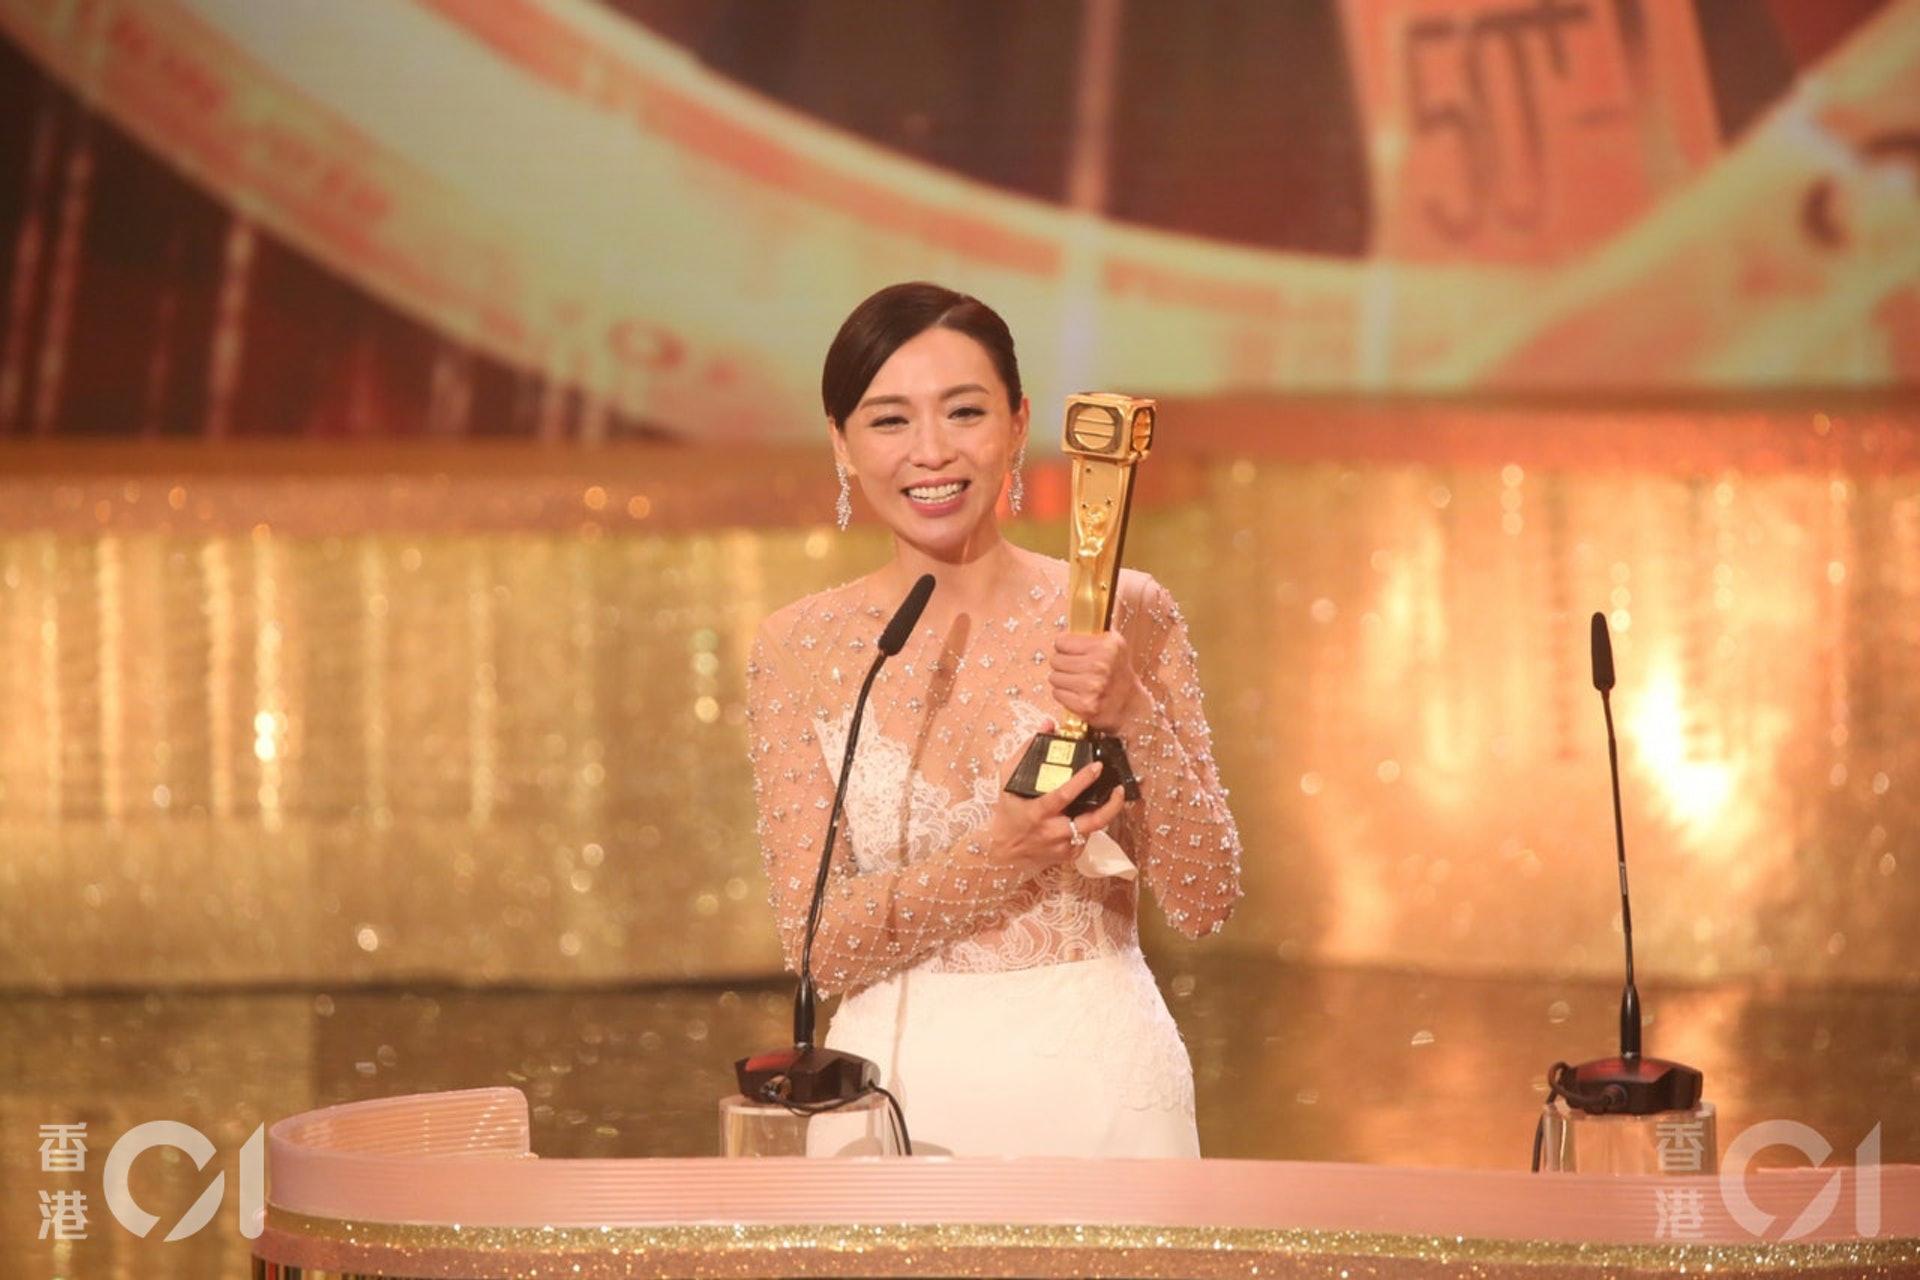 陳煒獲得《萬千星輝頒獎典禮2018》「最受歡迎電視女角色」。(黃國立攝)